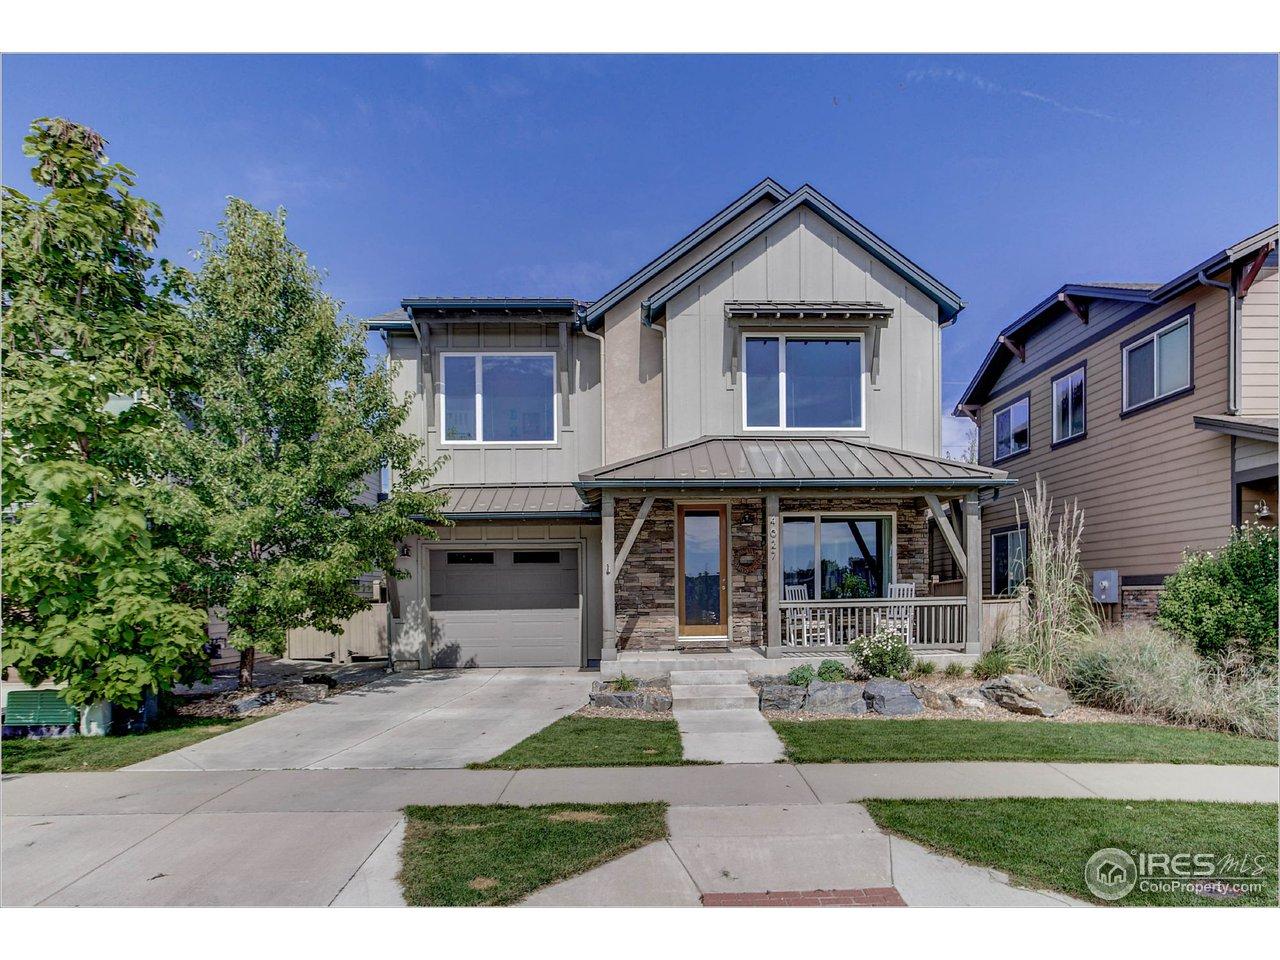 4627 Sunnyside Pl, Boulder CO 80301